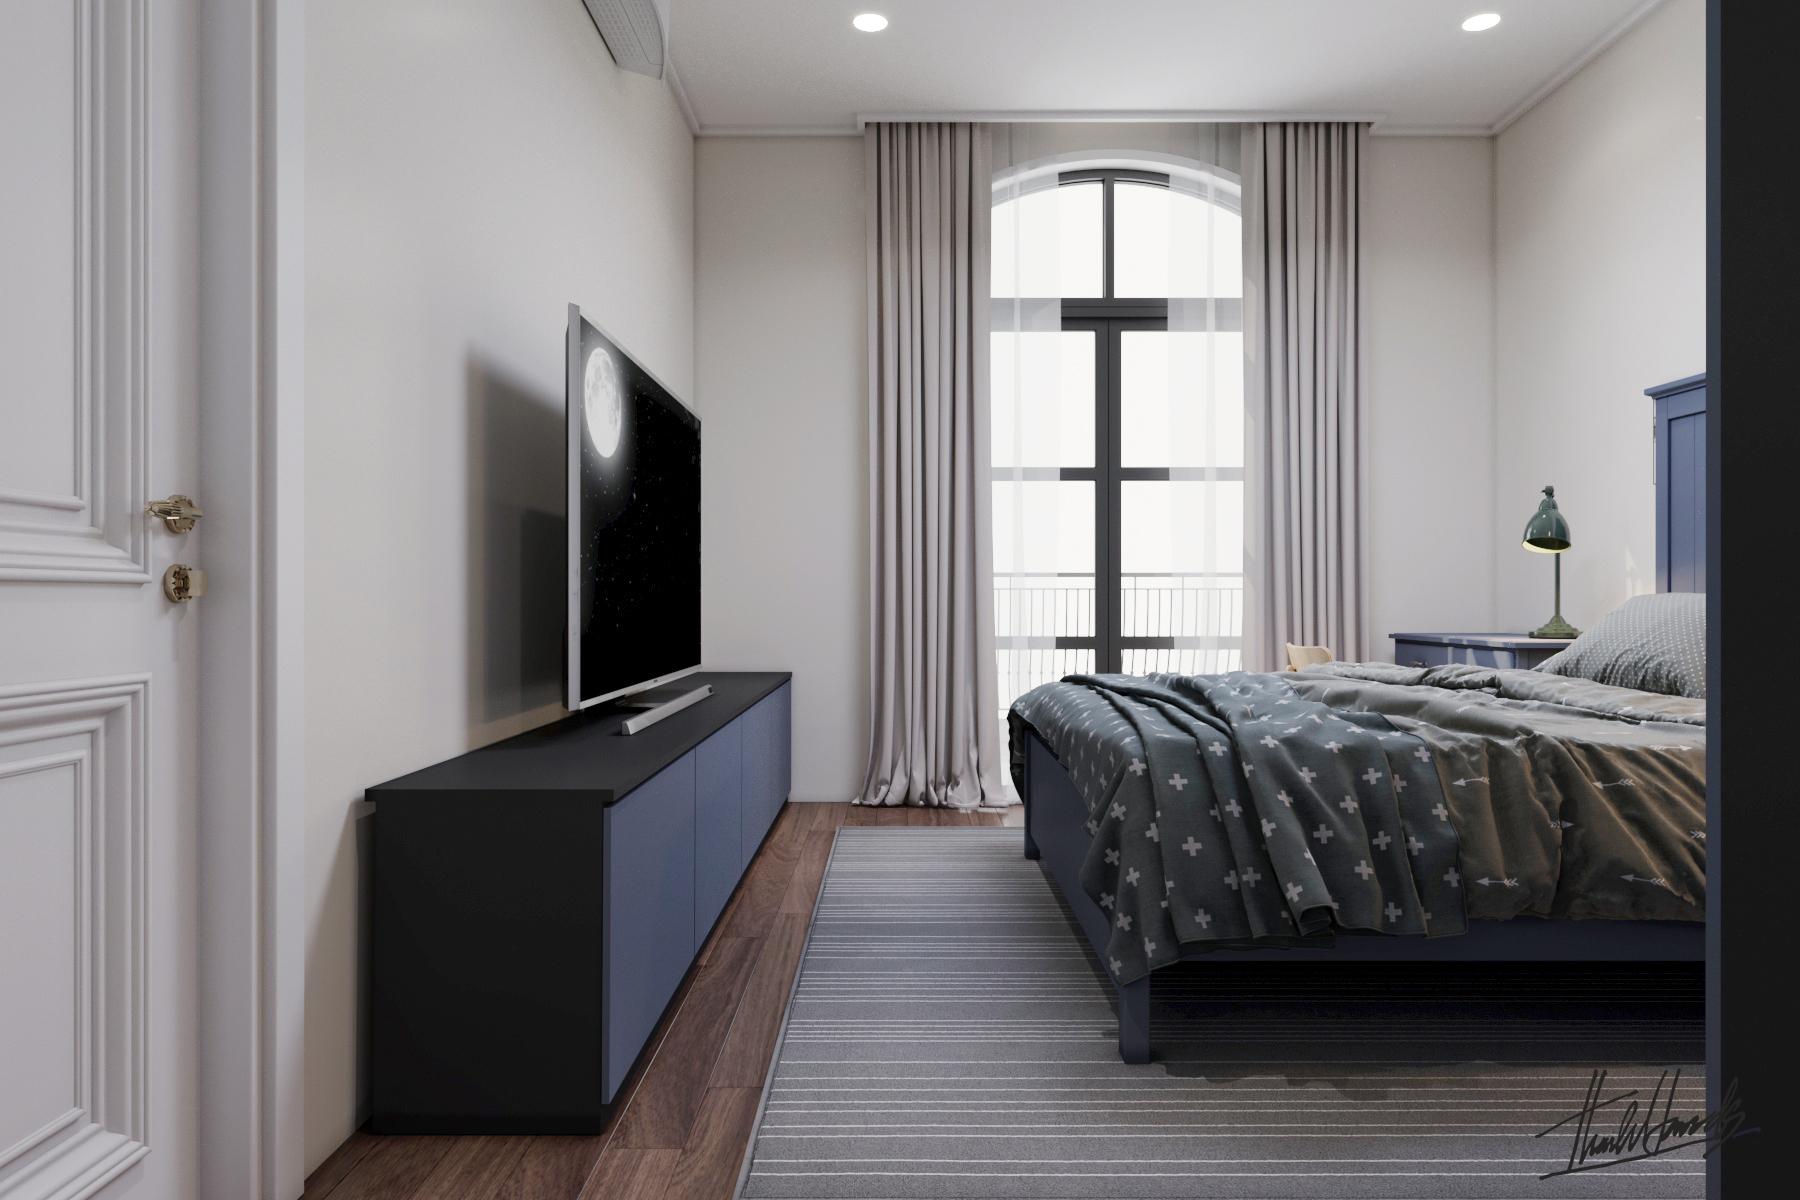 thiết kế nội thất Nhà Mặt Phố tại Hà Nội căn hộ cho thuê . 13 1568087738